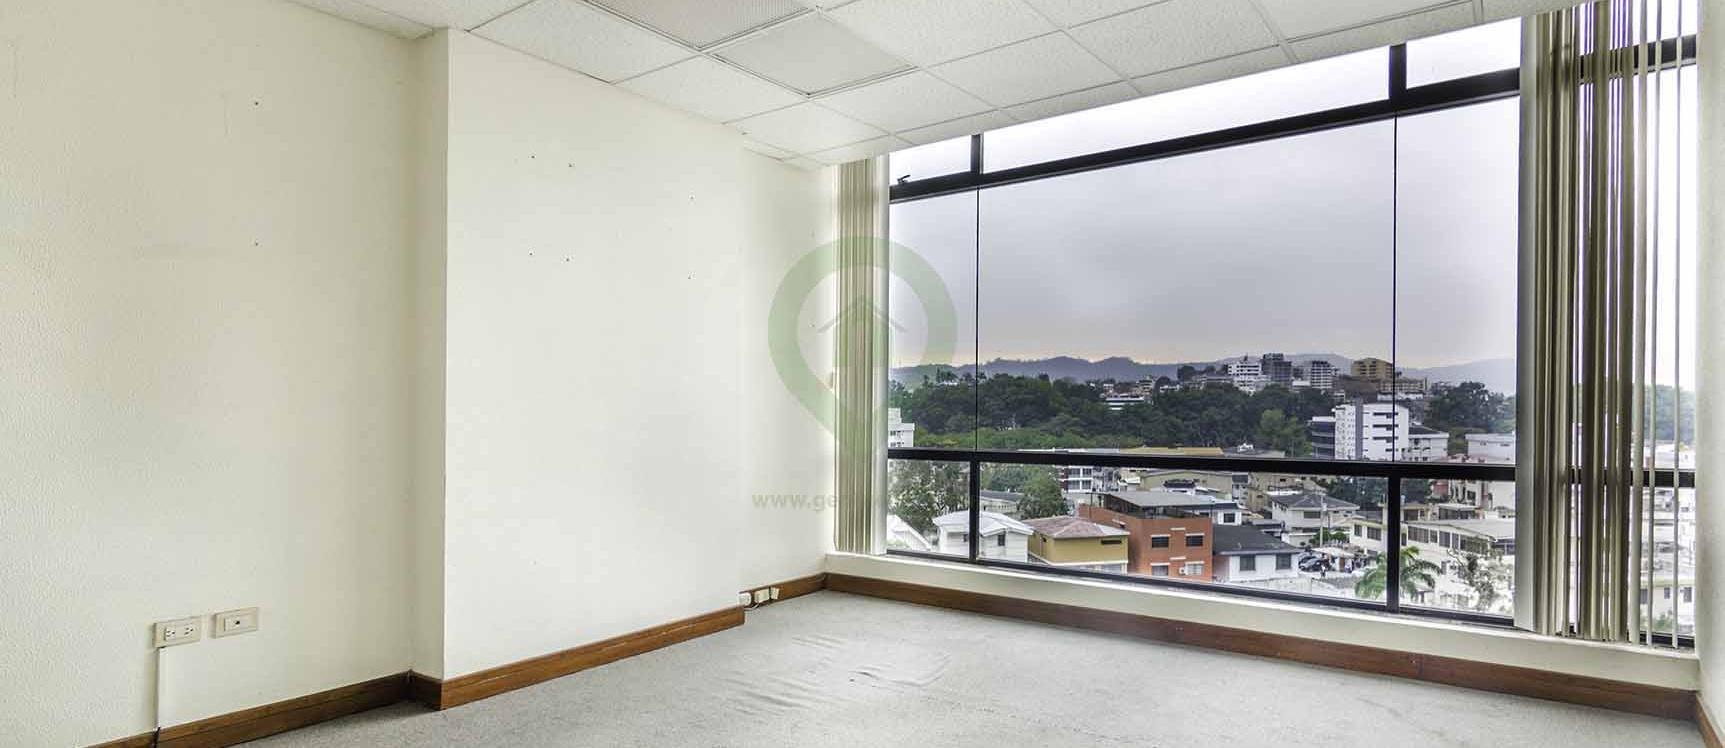 GeoBienes - Oficina en alquiler en World Trade Center norte de Guayaquil - Plusvalia Guayaquil Casas de venta y alquiler Inmobiliaria Ecuador